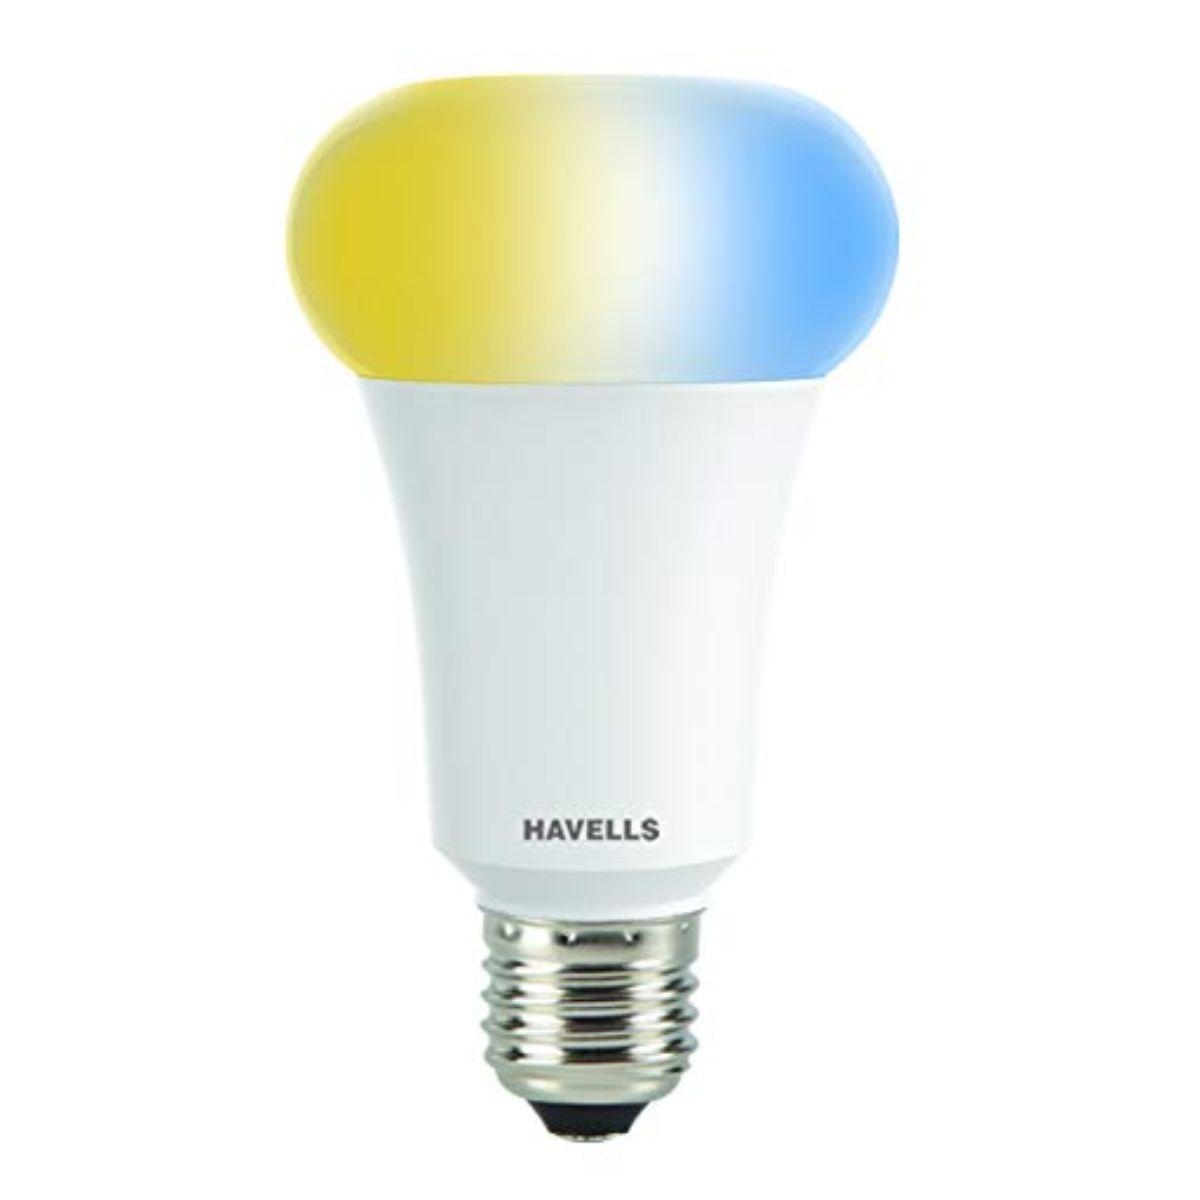 Havells 9W e27 LED Smart Bulb